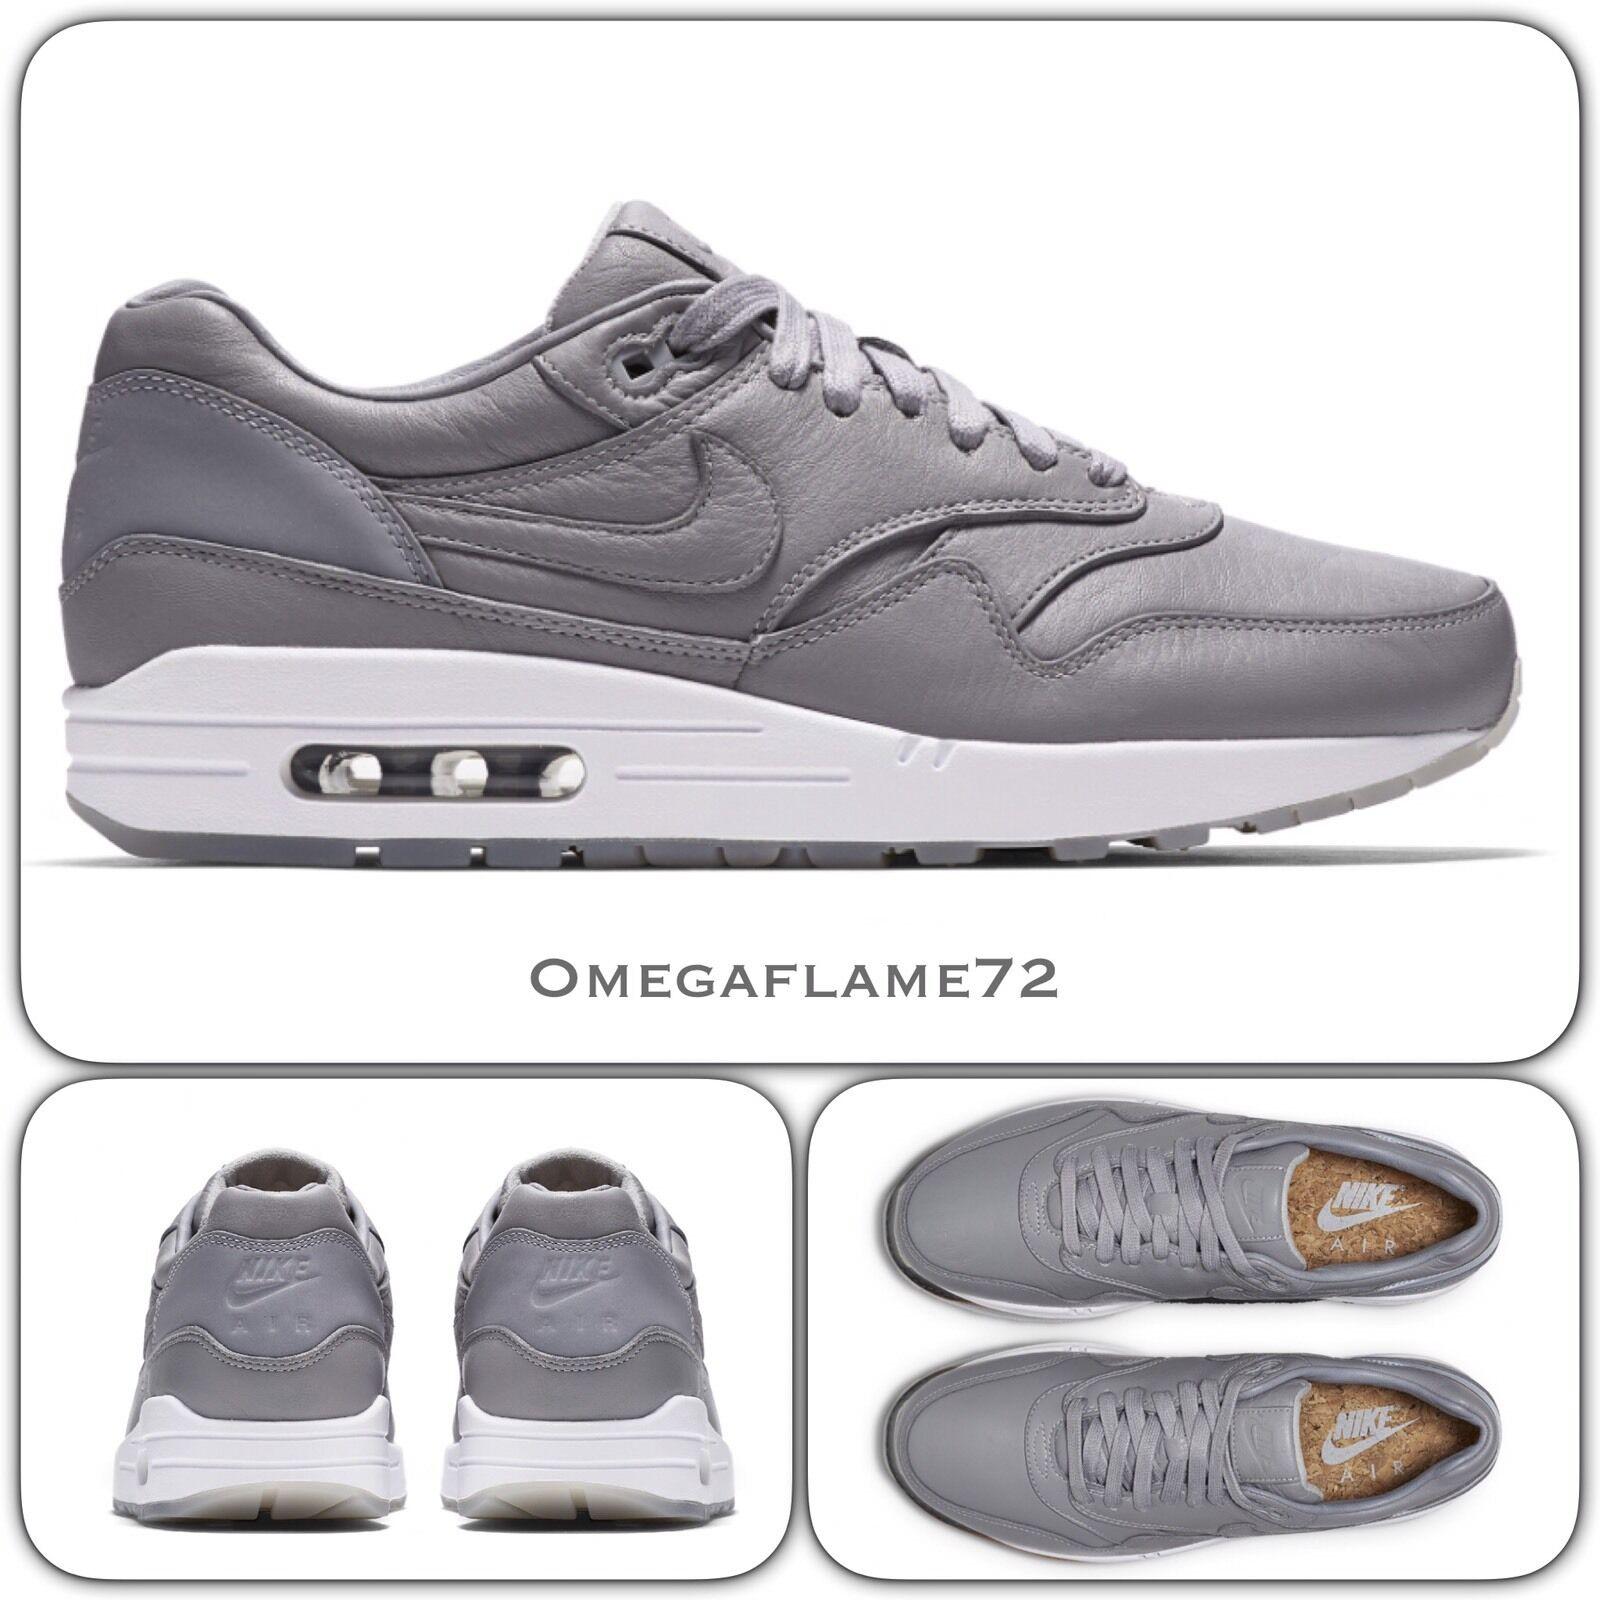 NikeLab Air Max 1 Deluxe Pinnacle Wolf  Gris Gris Gris  859554-0028 EU 42.5 US 9 Nike 3c1246